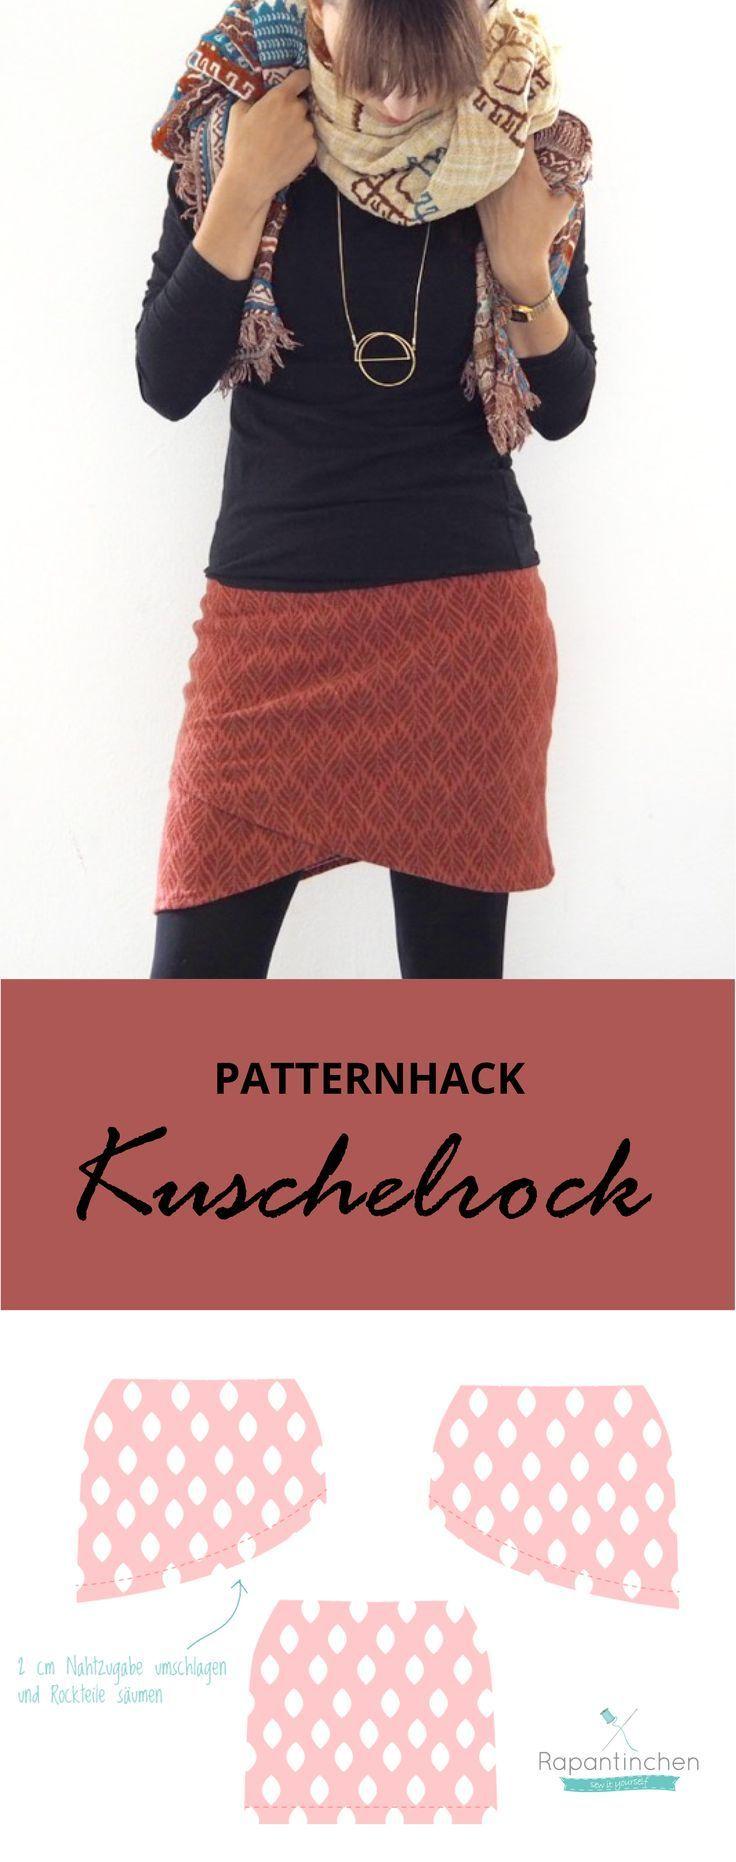 {genäht} – Patternhack Kuschelrock mit Nähanleitung – Schokoladen Prinzessin